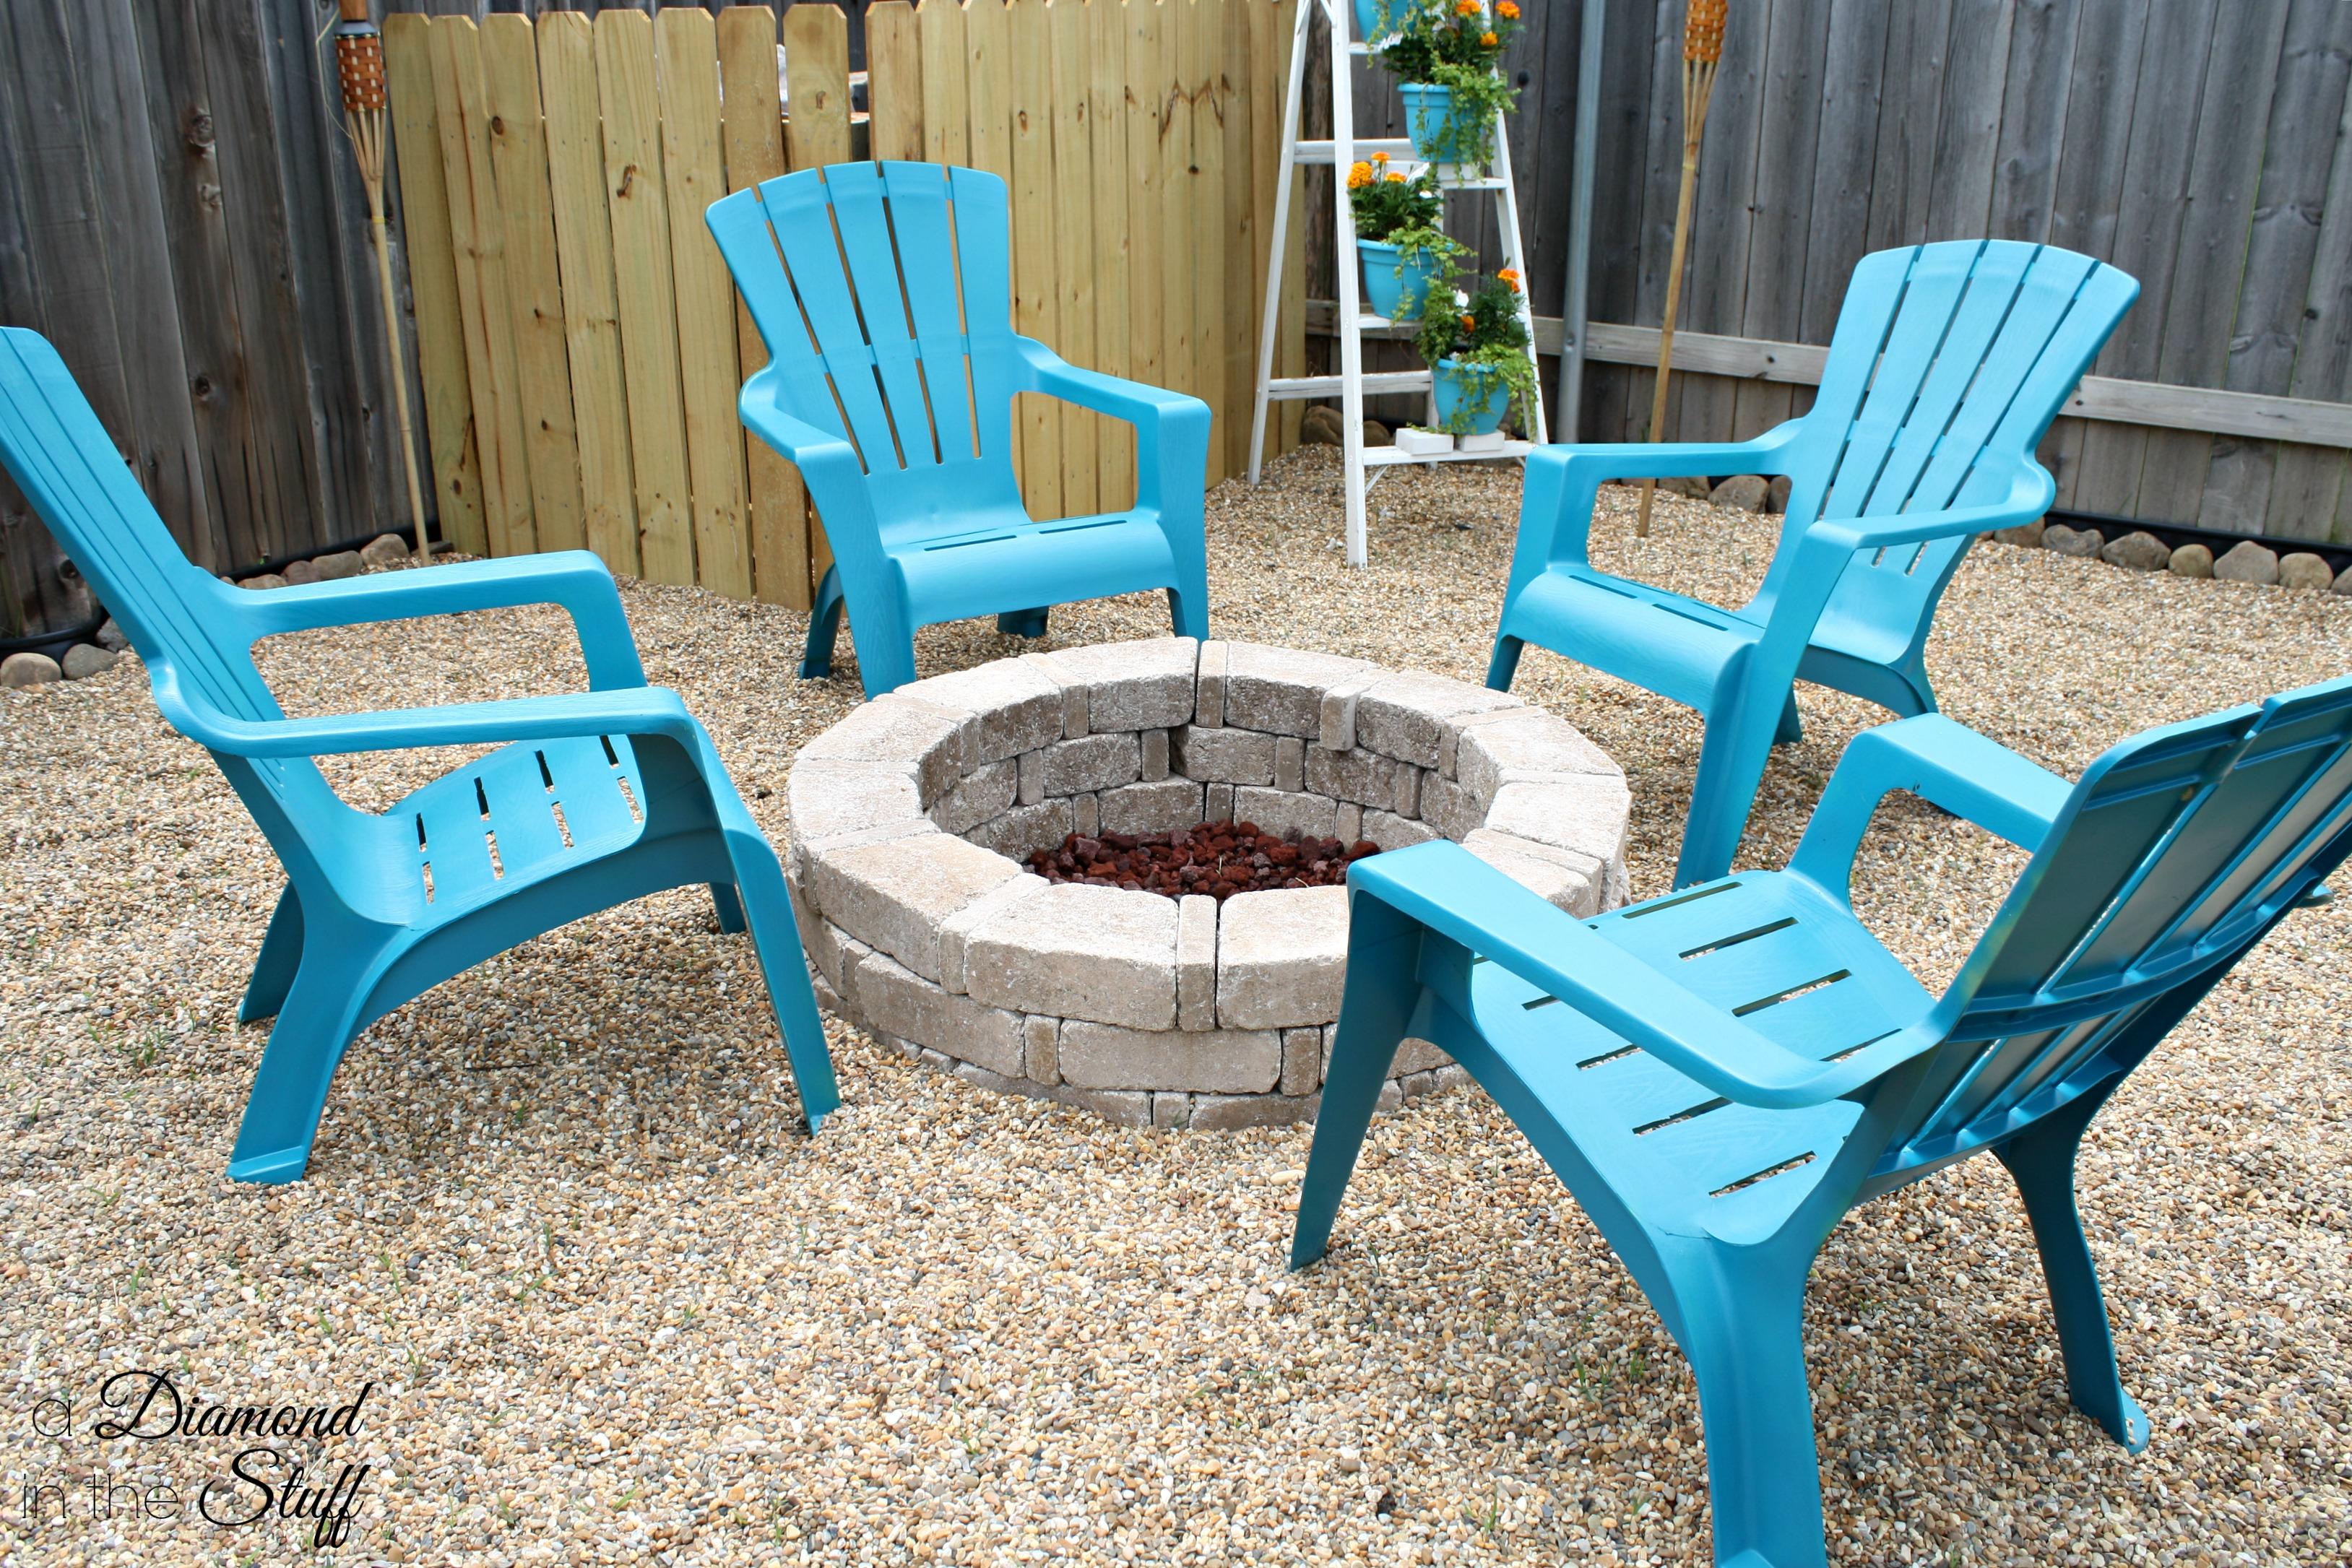 Awesome DIY Backyard Makeover